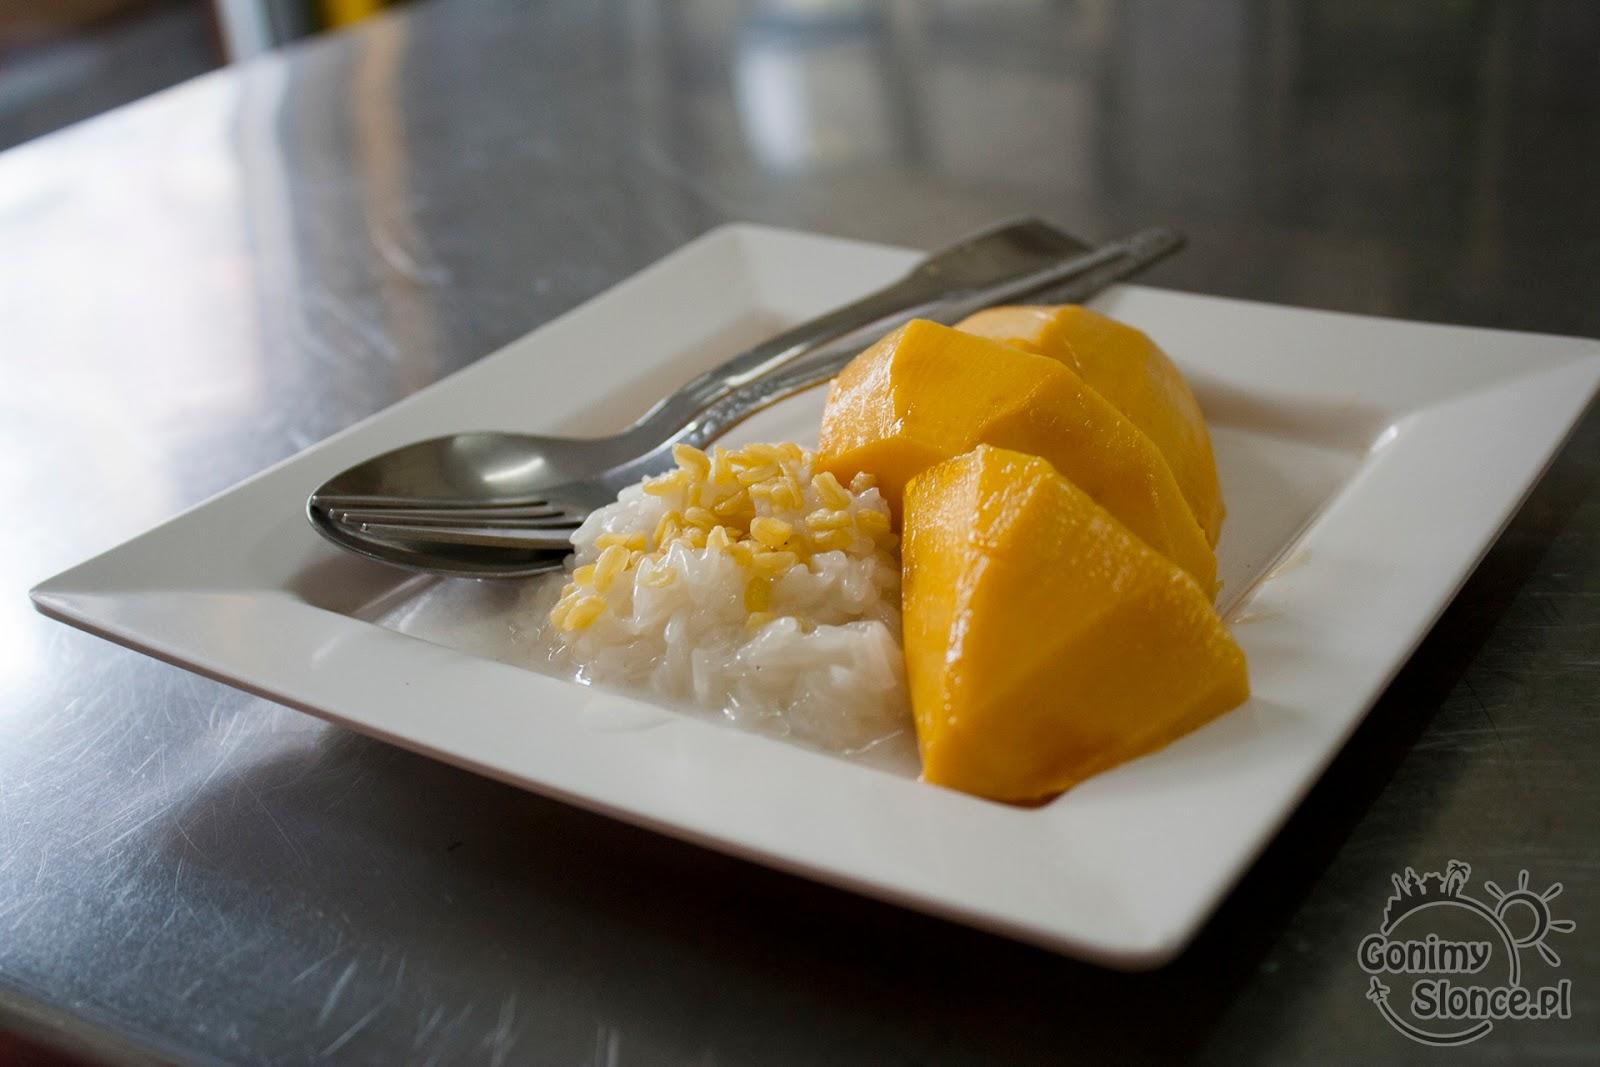 Sicky rice with mango (ryż kleisty z mango), widelec (prawa ręka) i łyżka (lewa ręka)